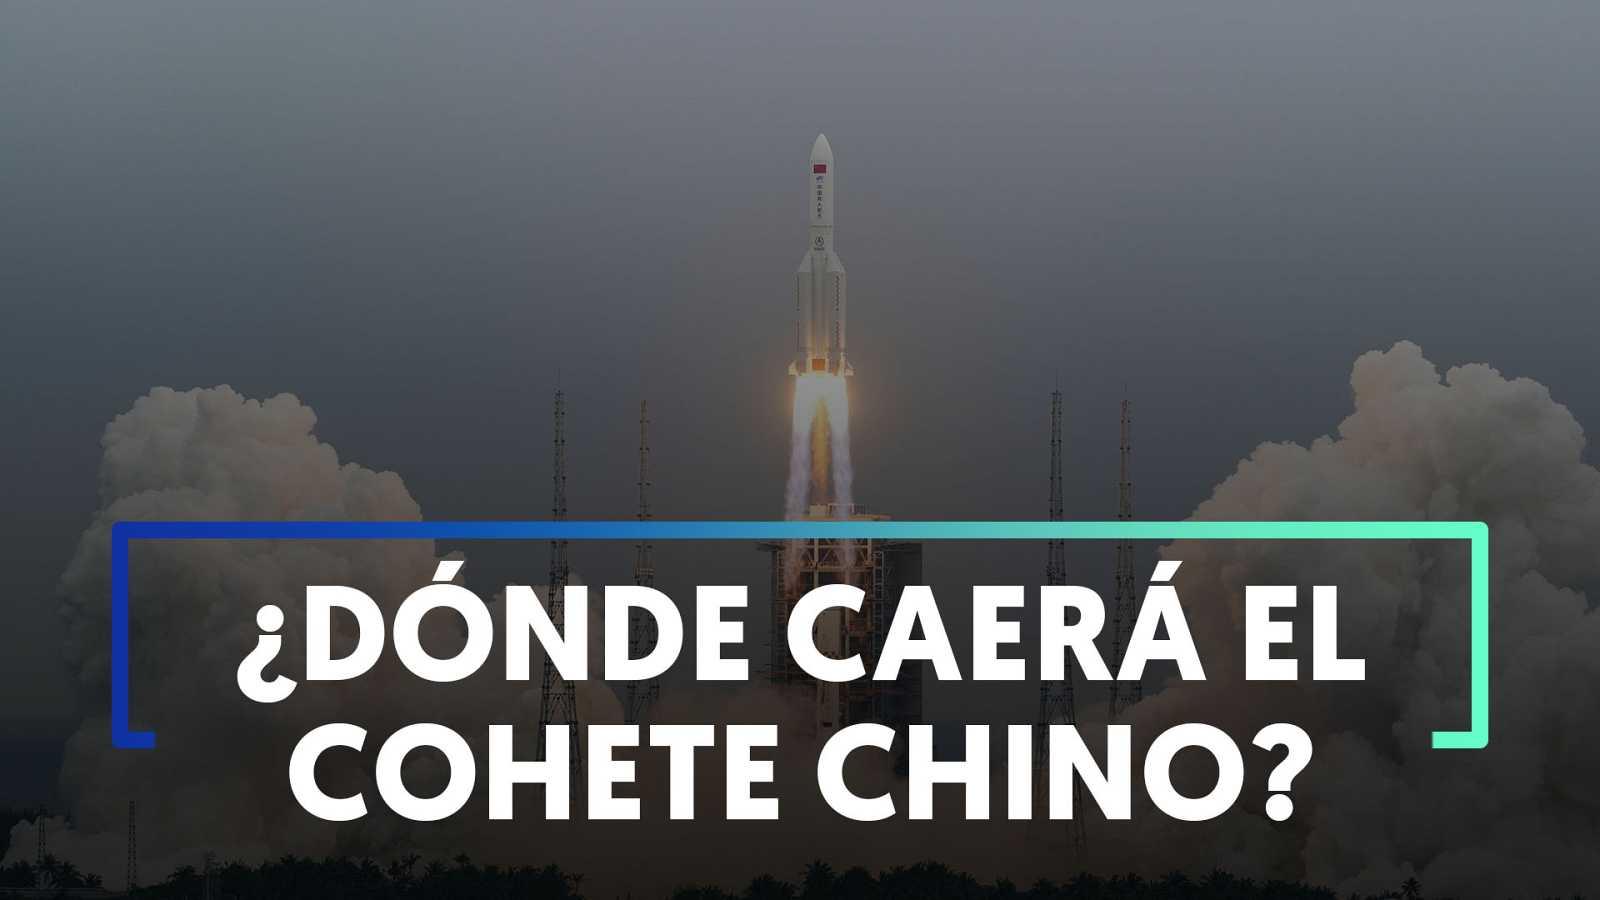 COHETE CHINO: ¿DÓNDE CAERÁ?